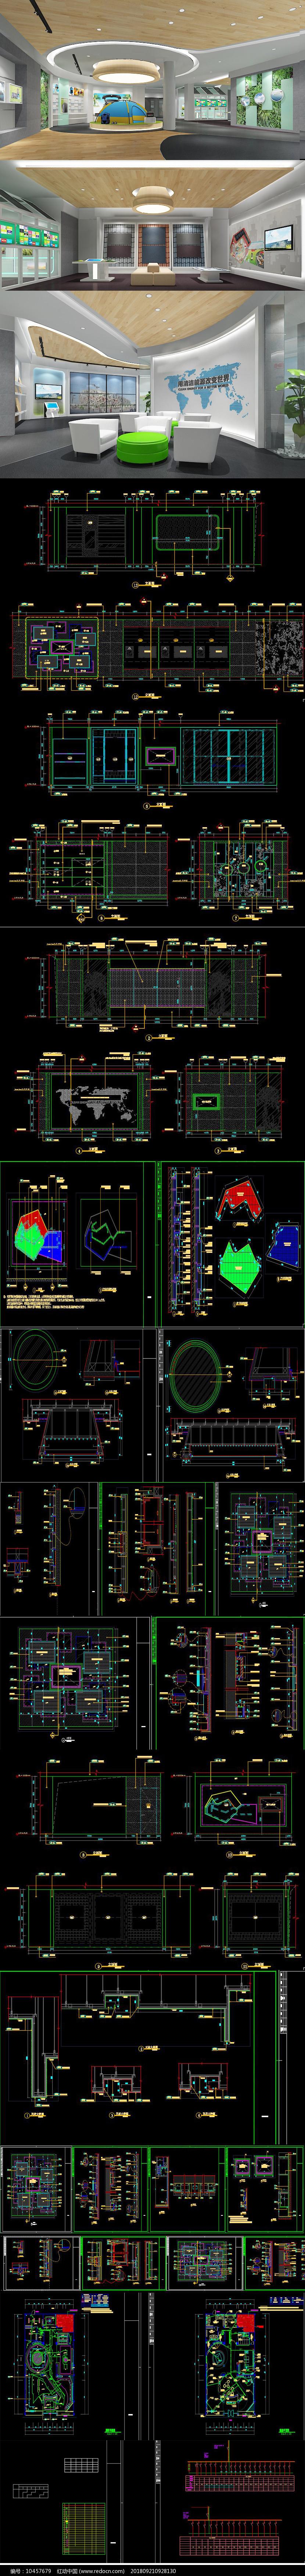 全套时尚环保科技展厅CAD施工图 效果图图片